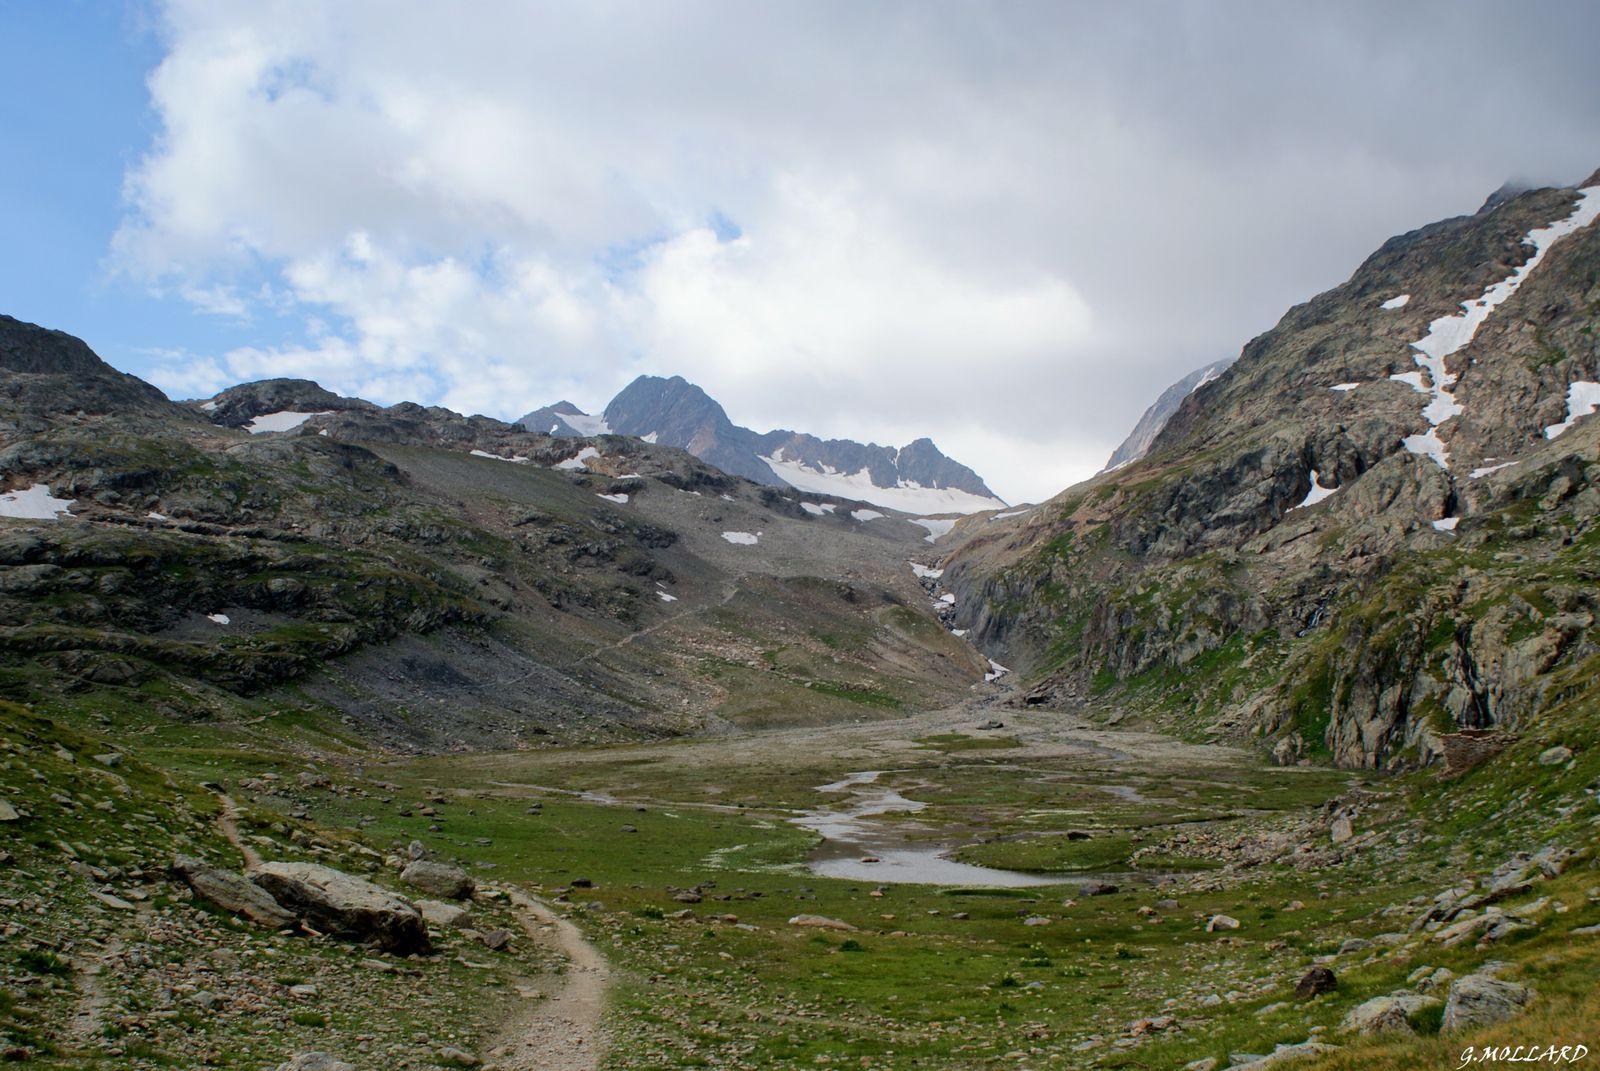 plateau au pied du glacier.